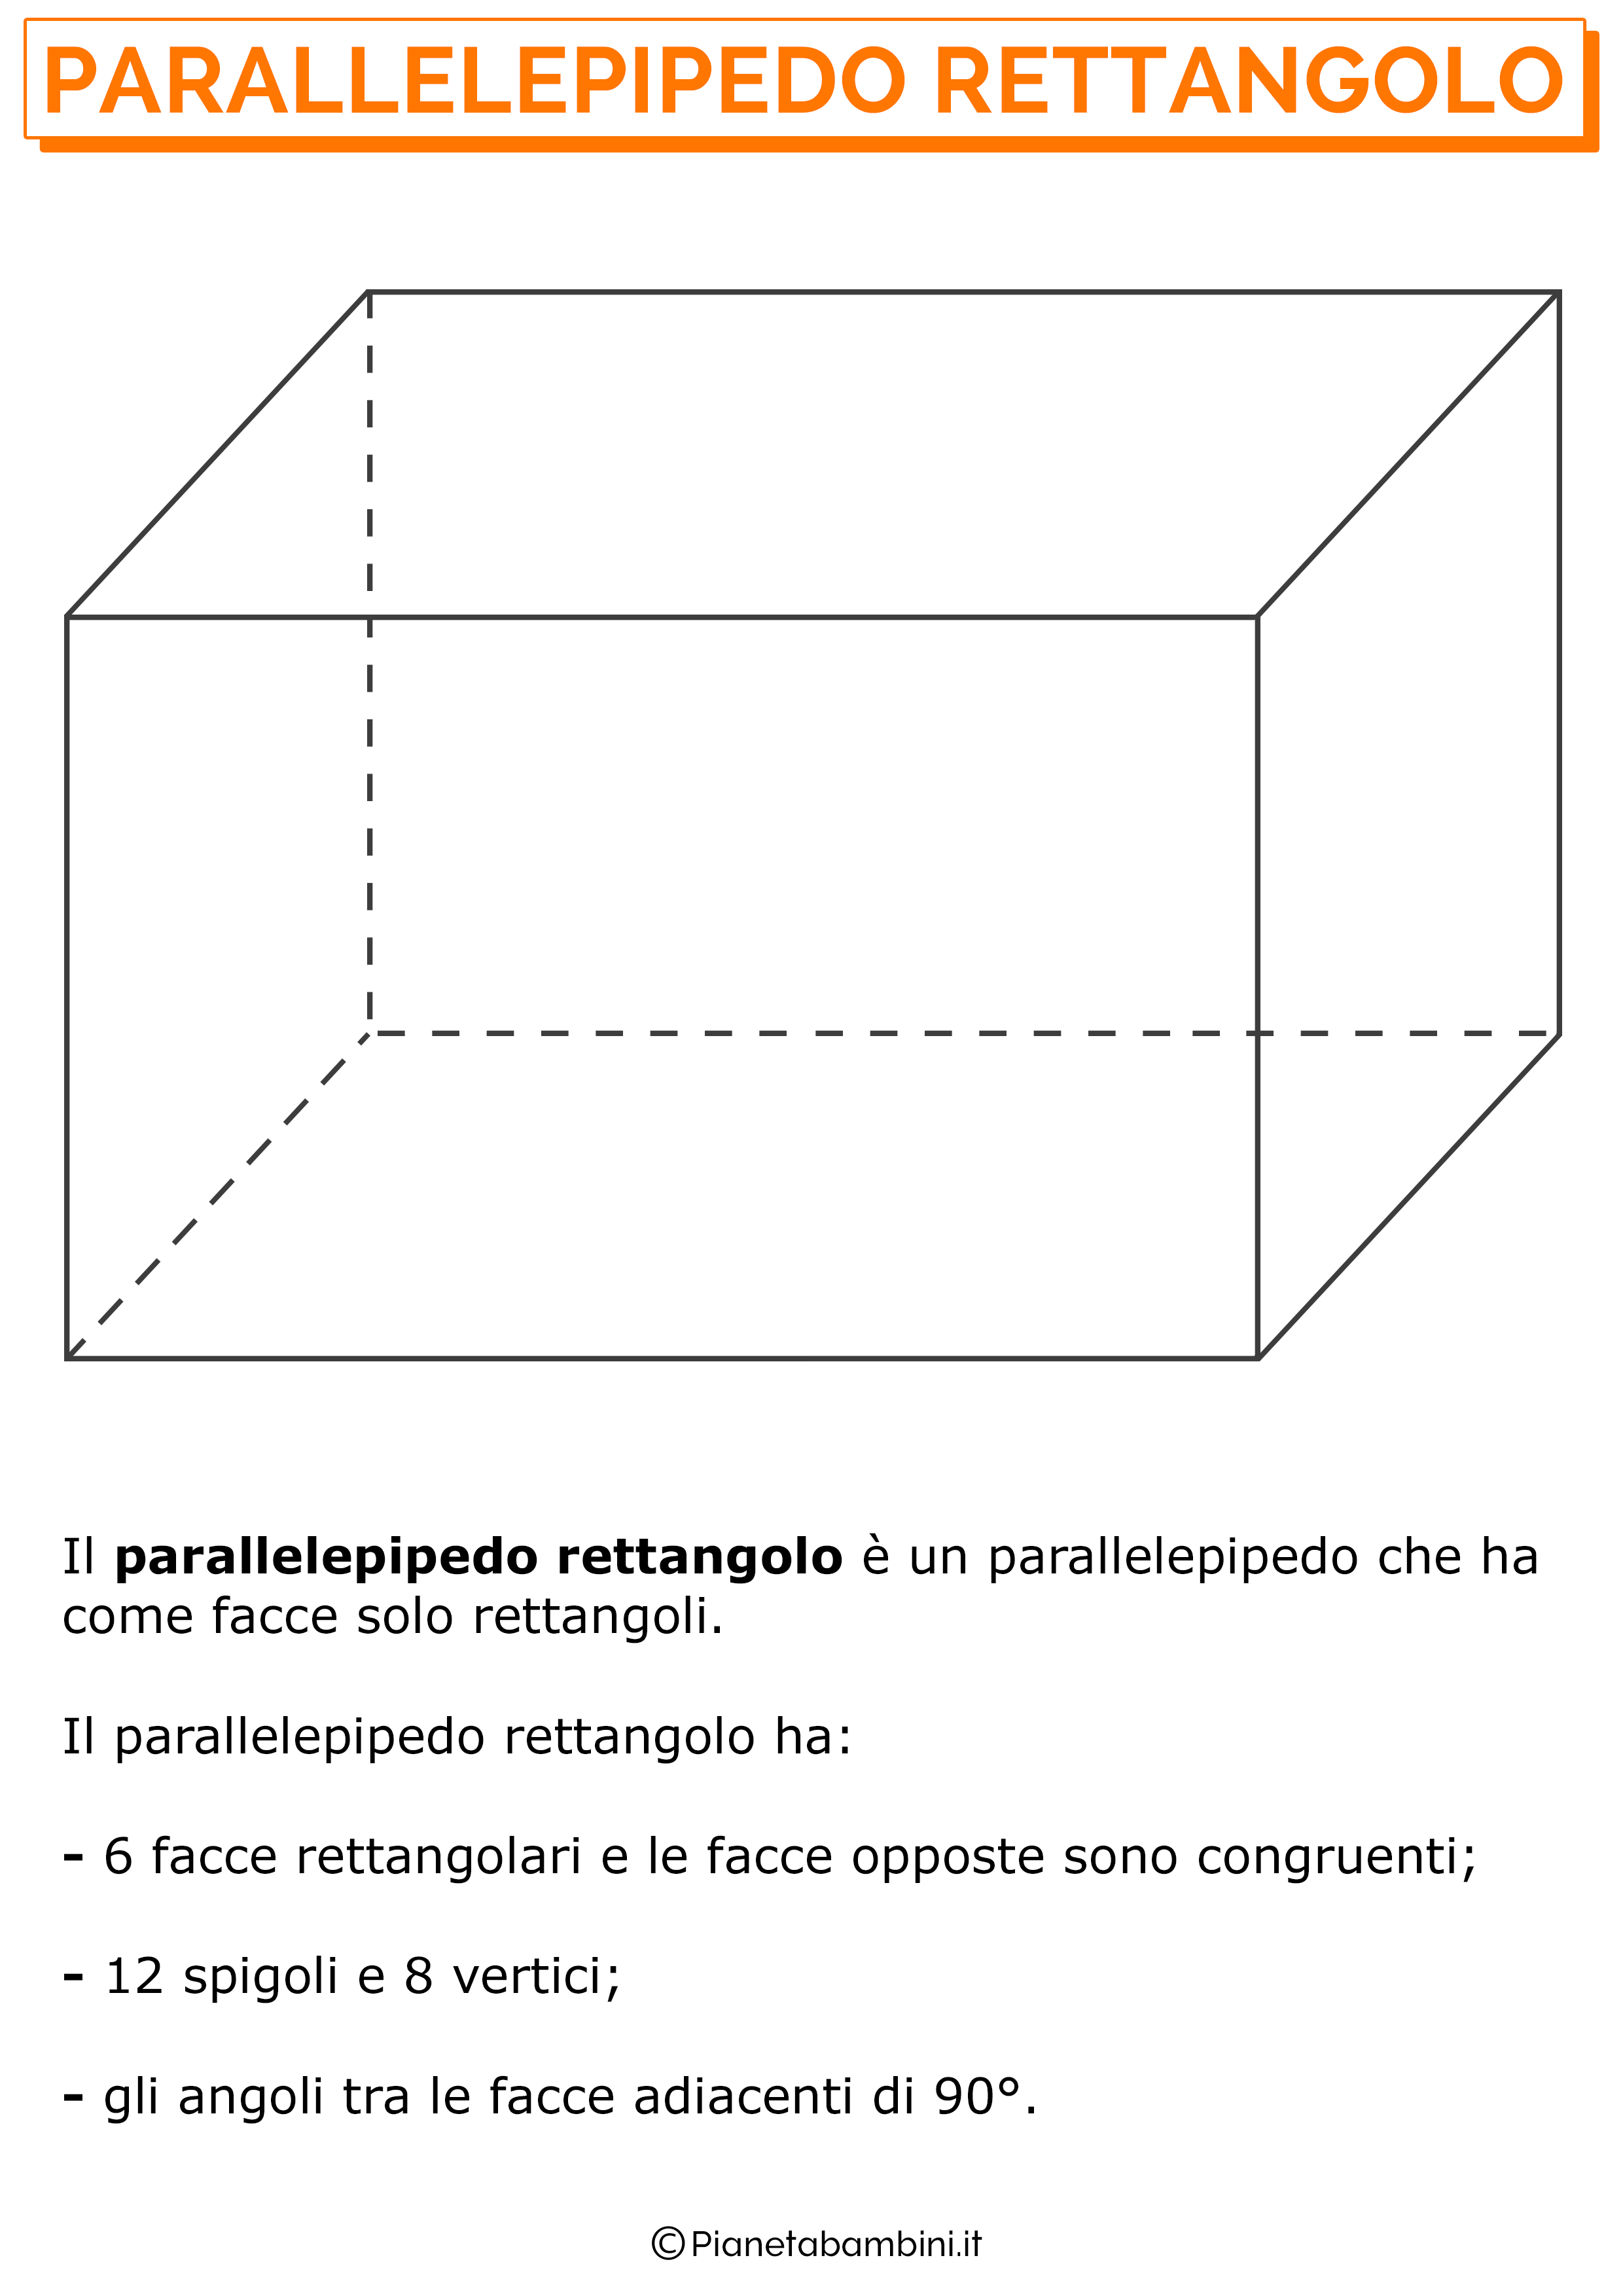 Immagine del Parallelepipedo Rettangolo